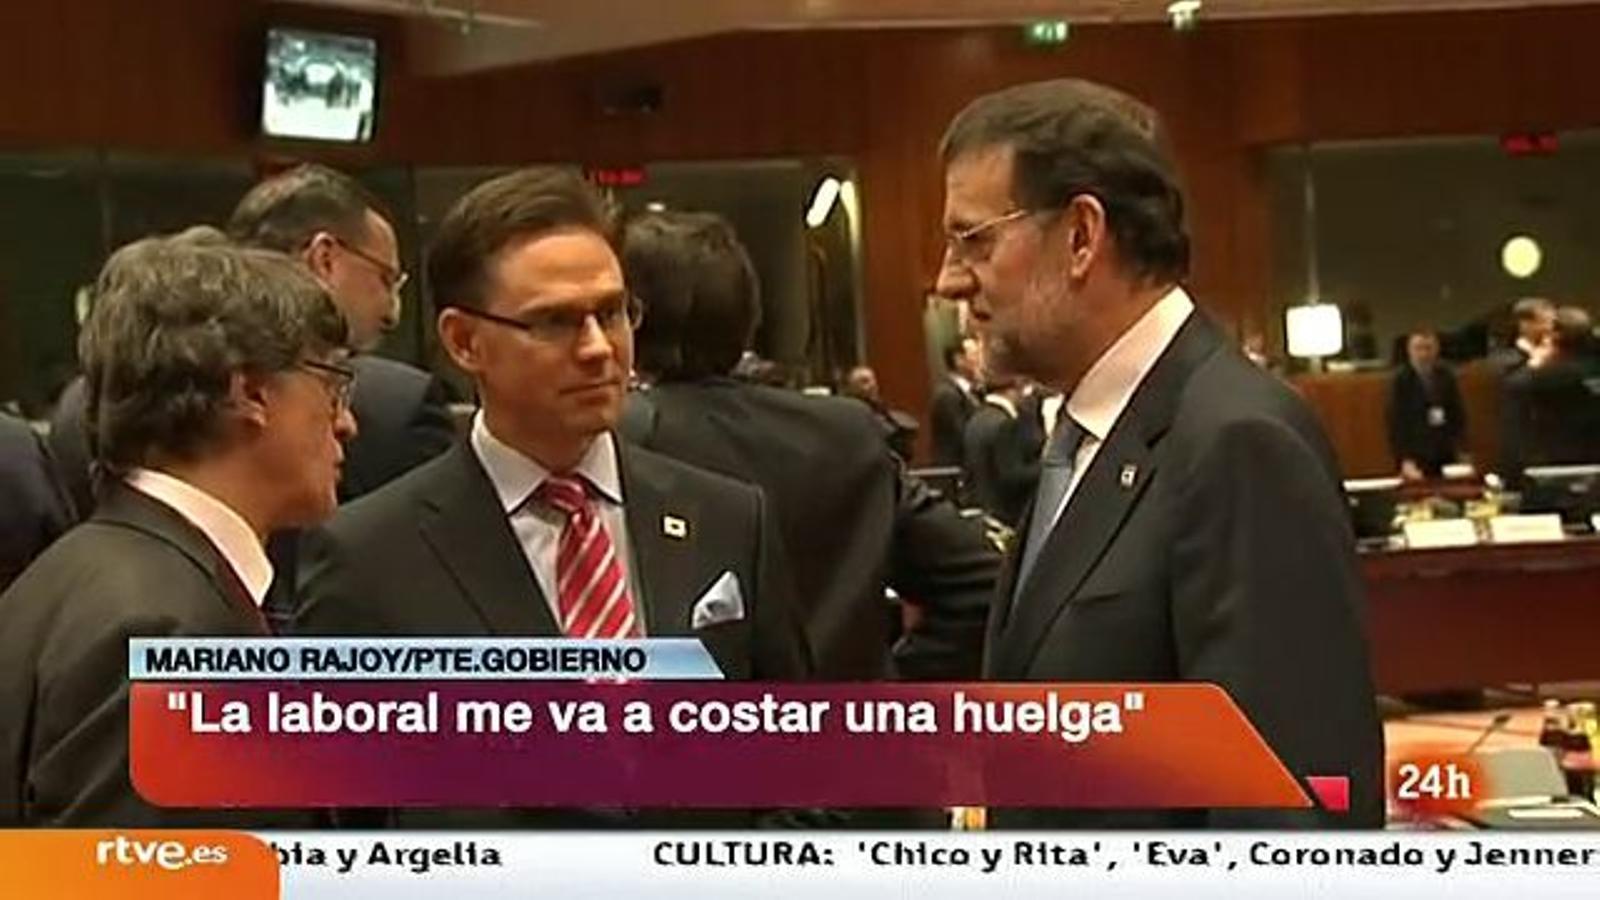 Rajoy, enxampat a Brussel·les confessant que la reforma laboral li costarà una vaga